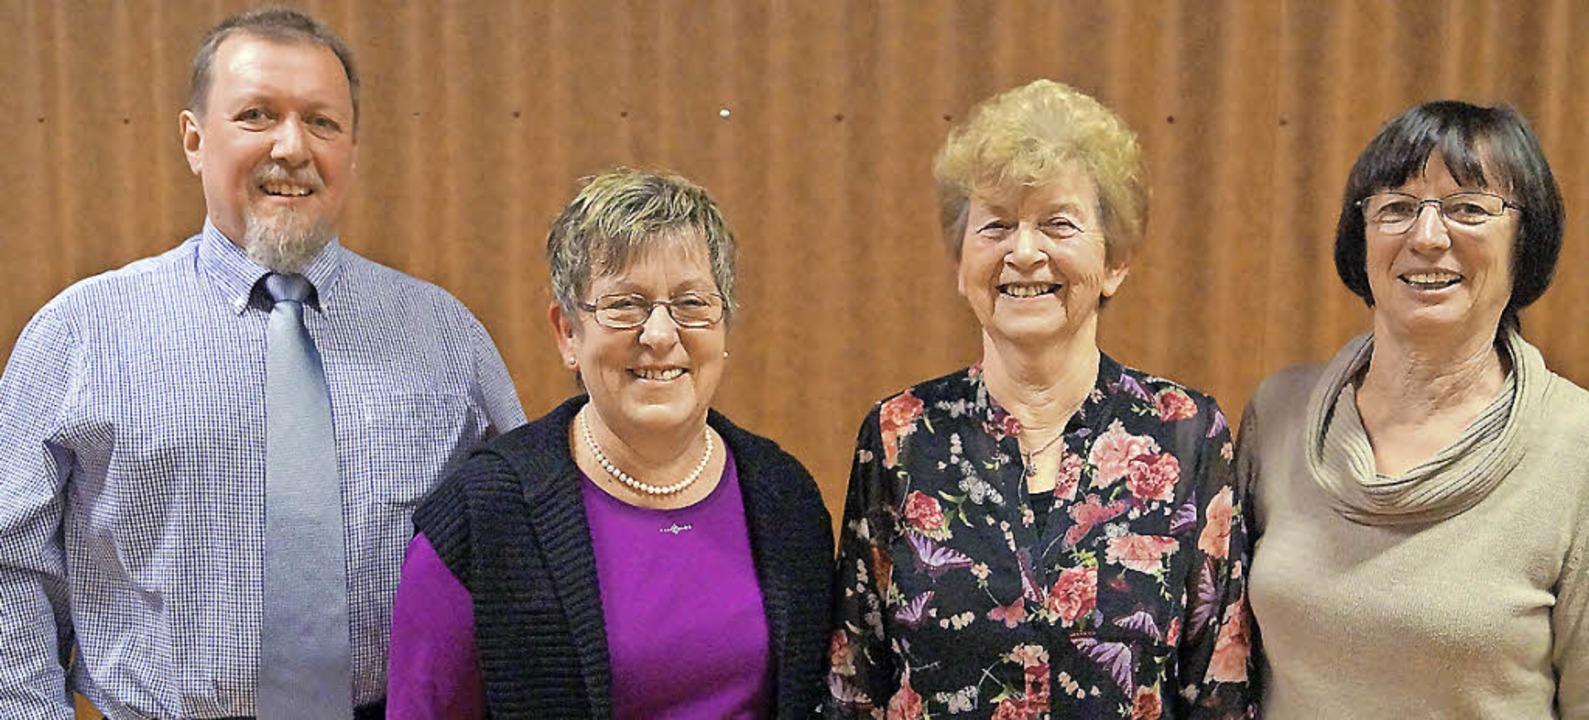 Wahlen beim Gesangverein Schallbach:  ...sitzende Gisela Sütterlin (von links)   | Foto: Hartenstein